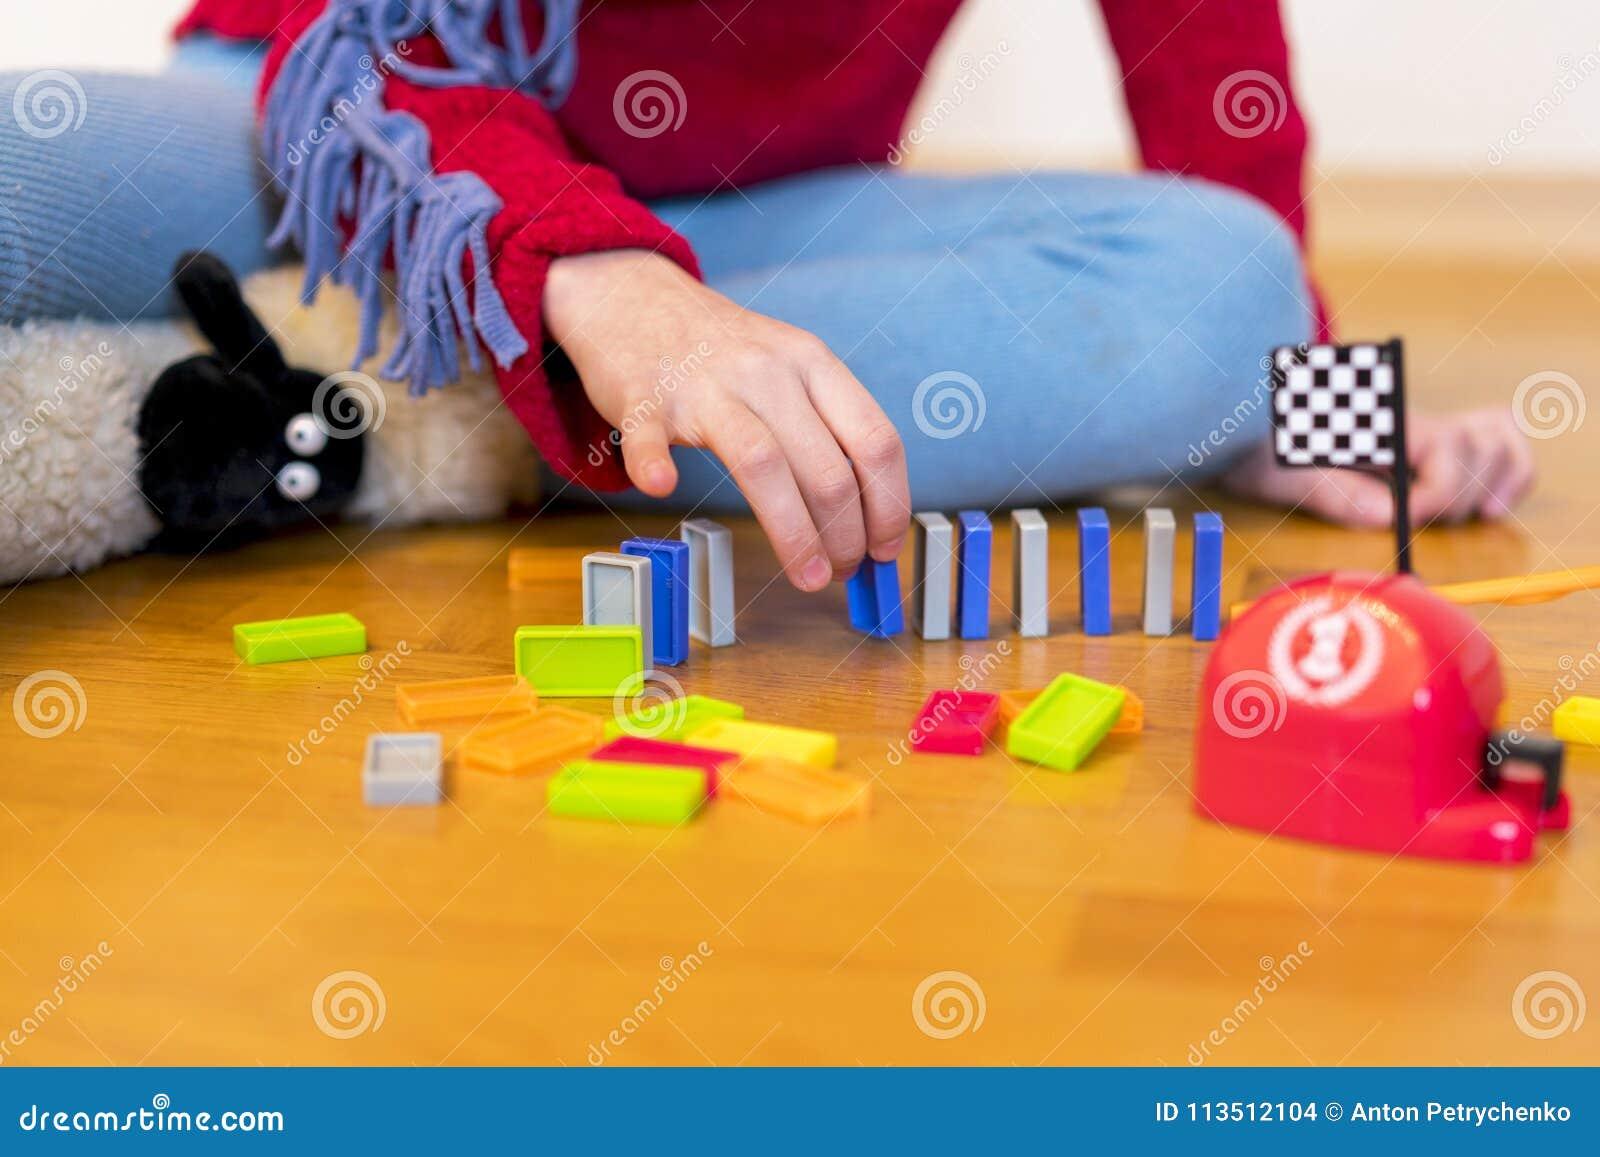 Oude meisje wordt 8 het jaar gespeeld in de ruimte met speelgoed